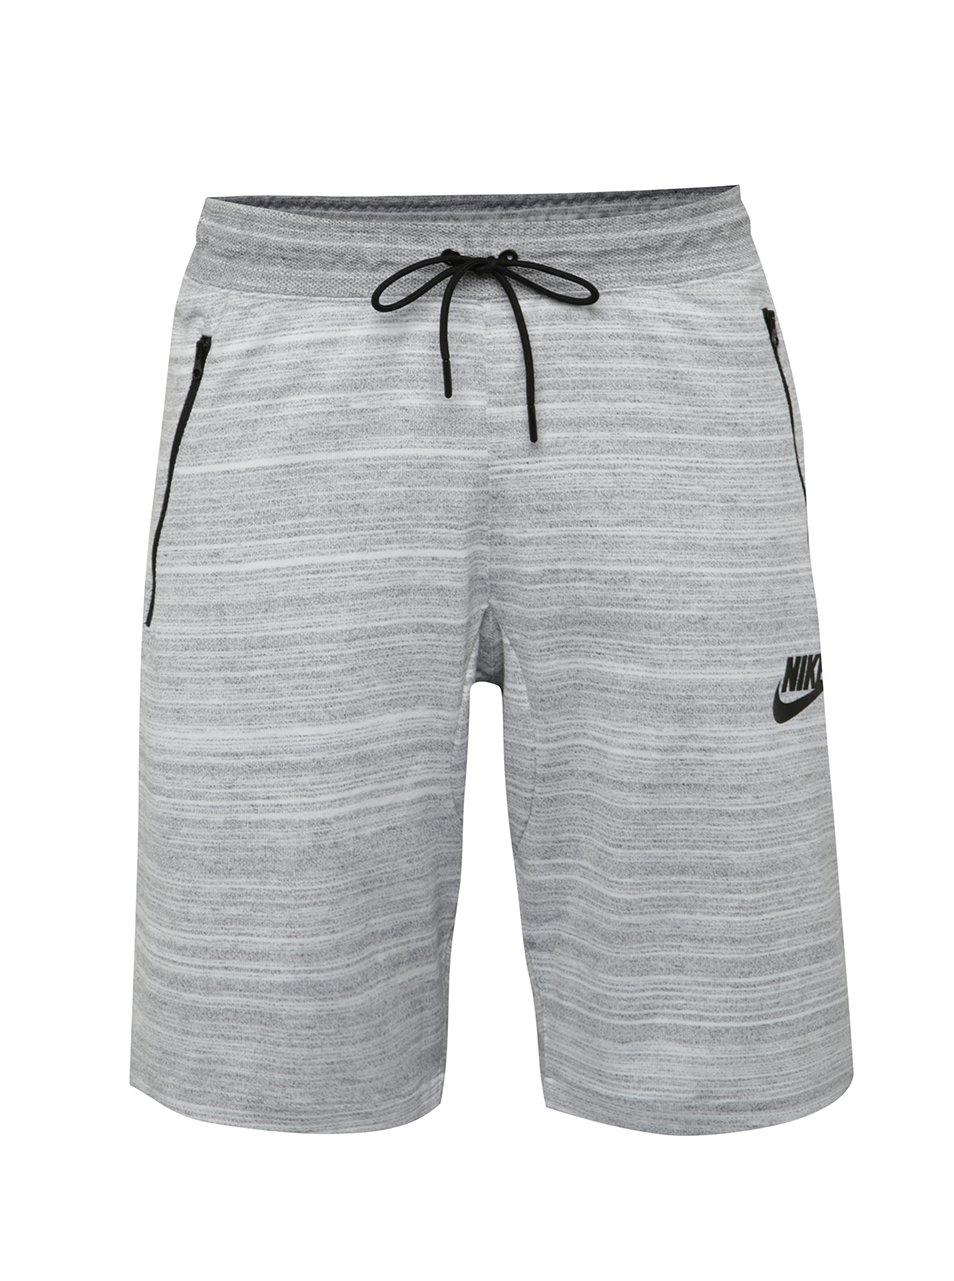 Světle šedé žíhané pánské slim fit teplákové kraťasy Nike Sportwear Advance 15